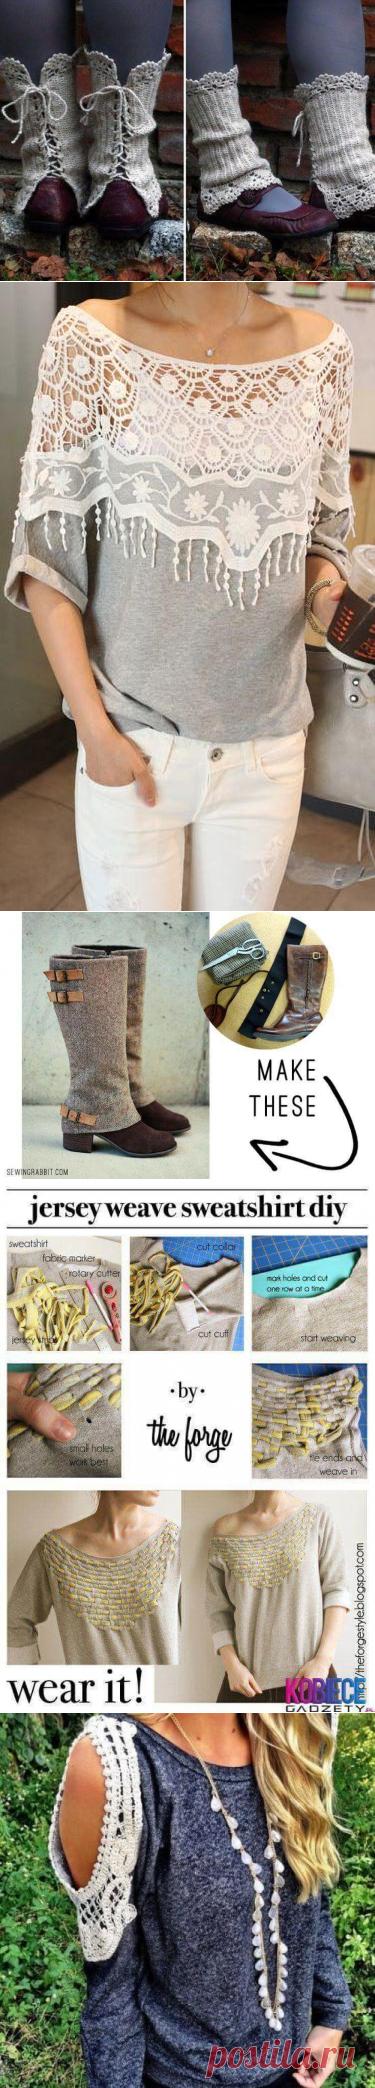 Не выбрасывайте старые свитера - море идей для переделки! | Тысяча и одна идея